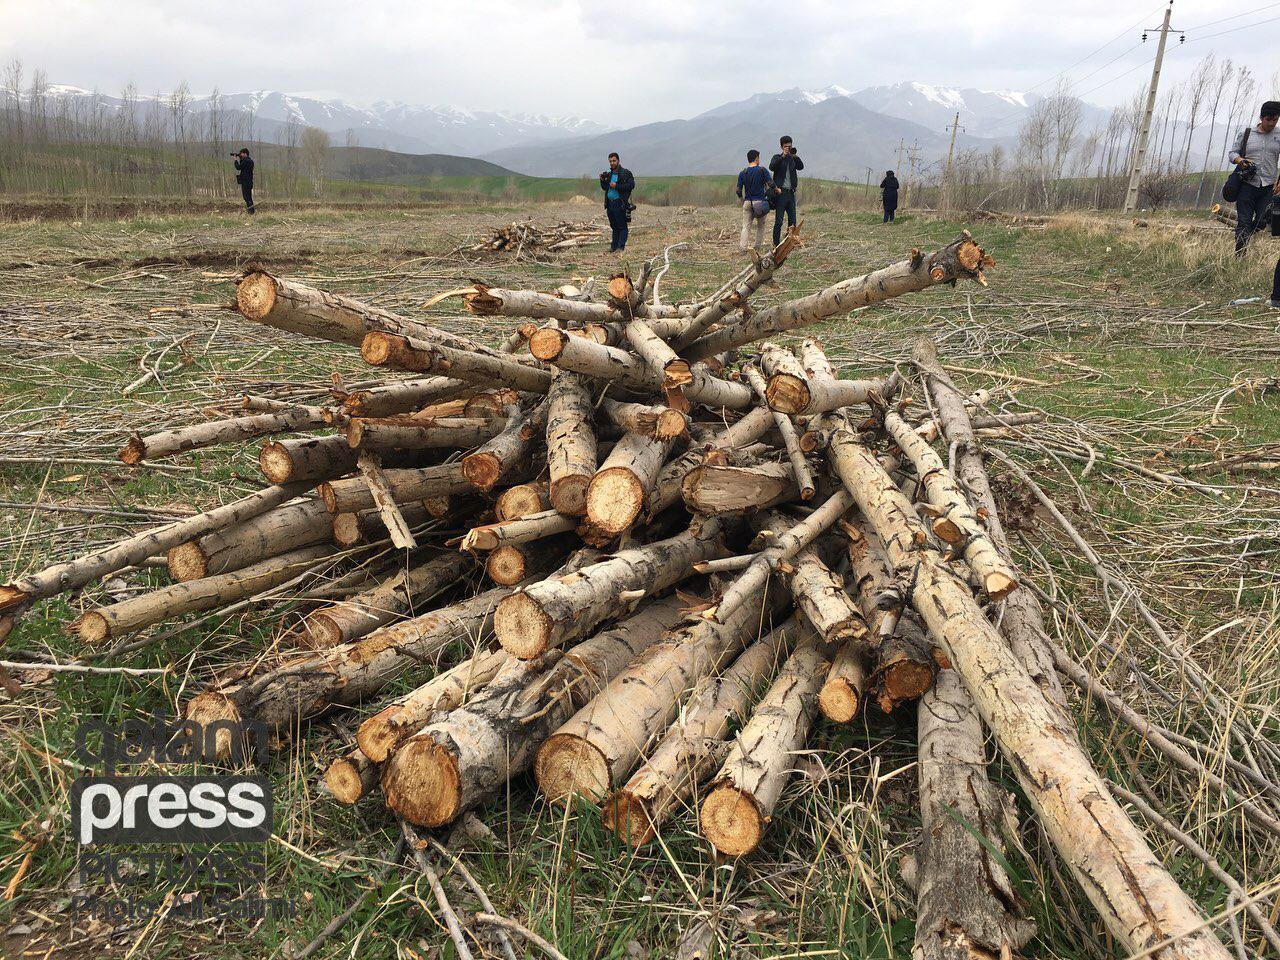 نگرانی ها از قطع و حمل درختان ارسباران/ مسوولان توضیح می دهند